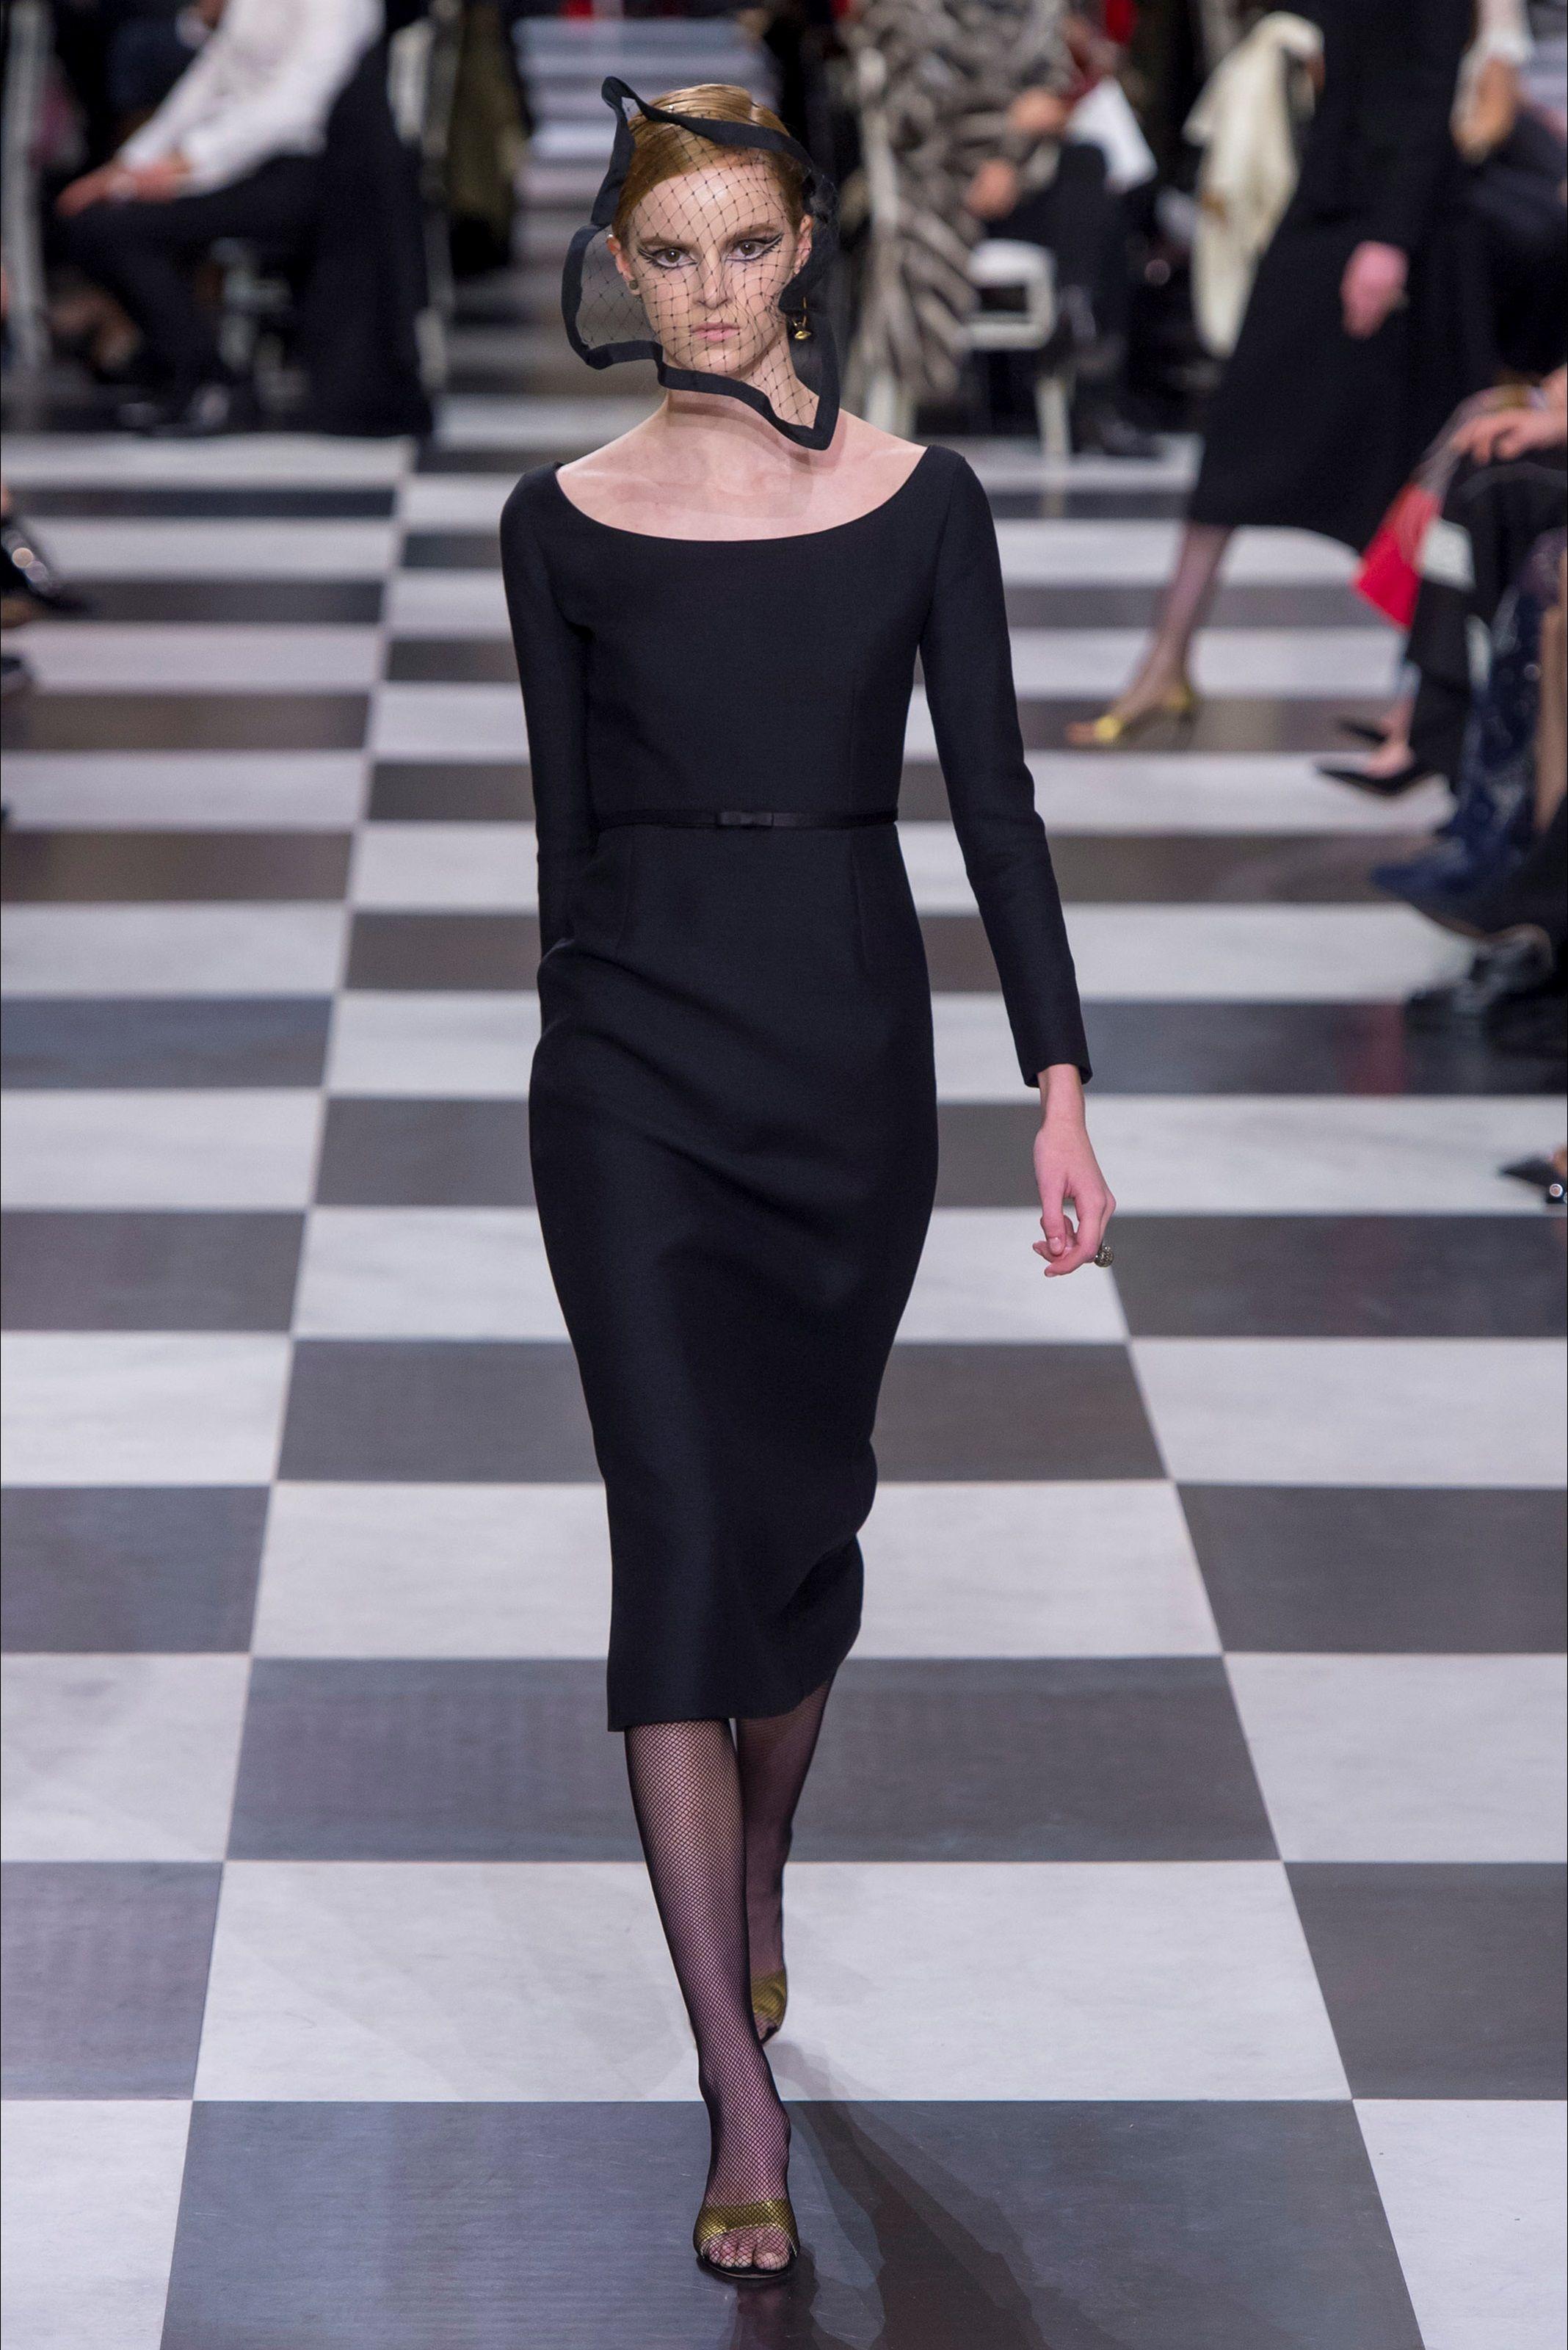 ec1c8b41f5 Guarda la sfilata di moda Christian Dior a Parigi e scopri la ...